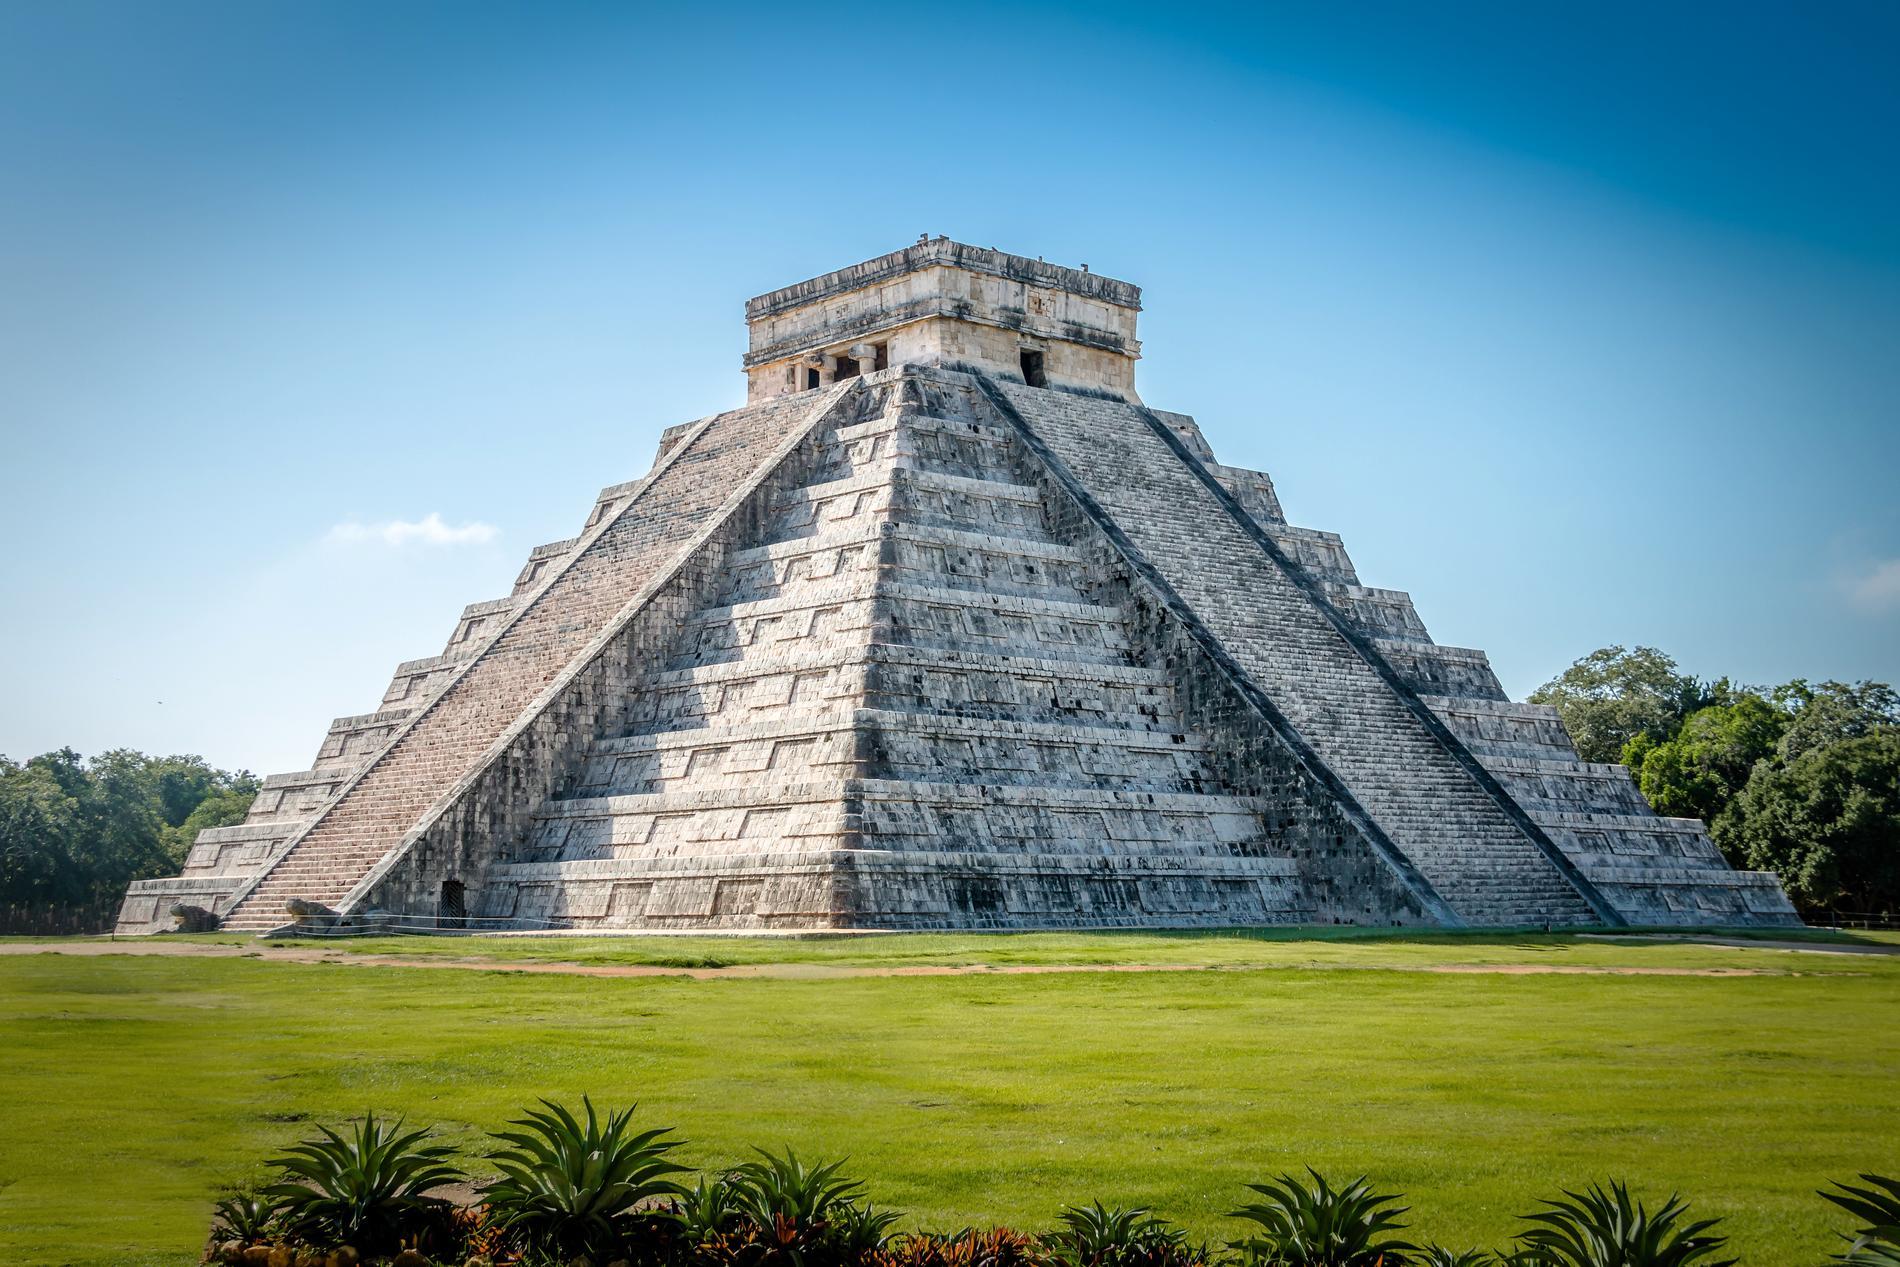 Pyramiden har nio terrasser (som representerar de nio himlavärldarna i mayatron) och 365 trapp-steg.